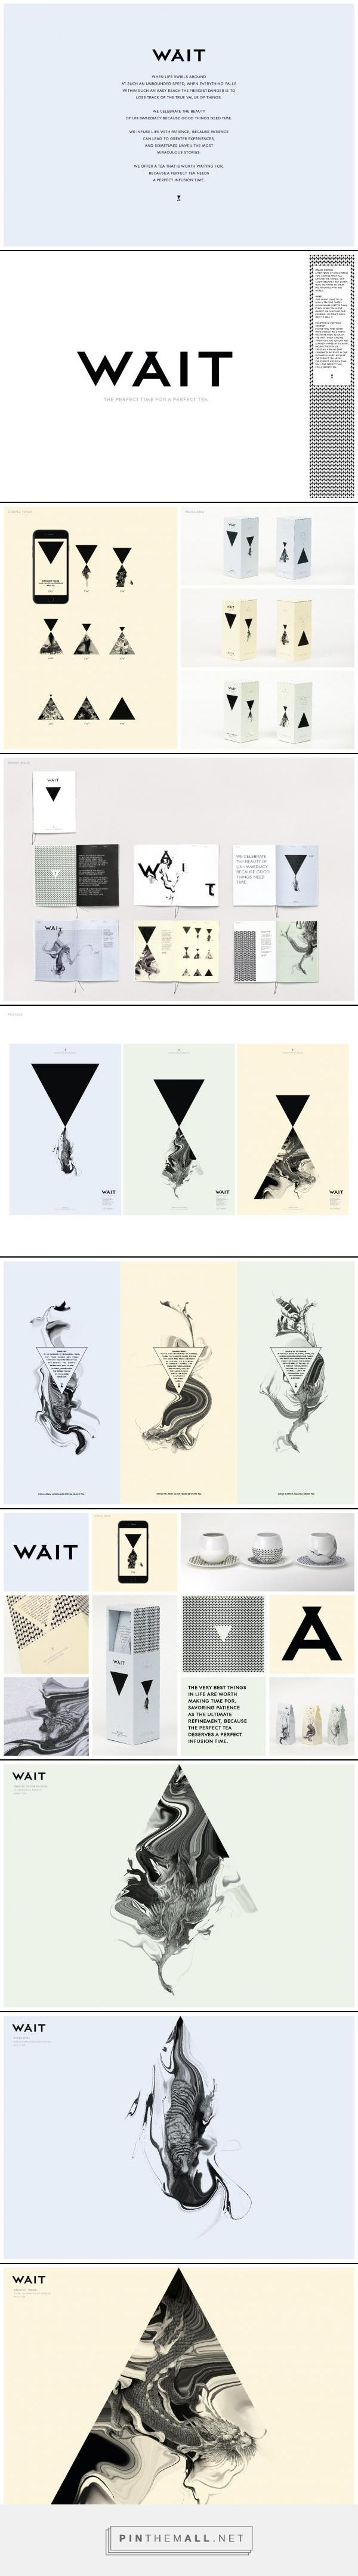 Création de marque et packaging - WAIT - agence Landor